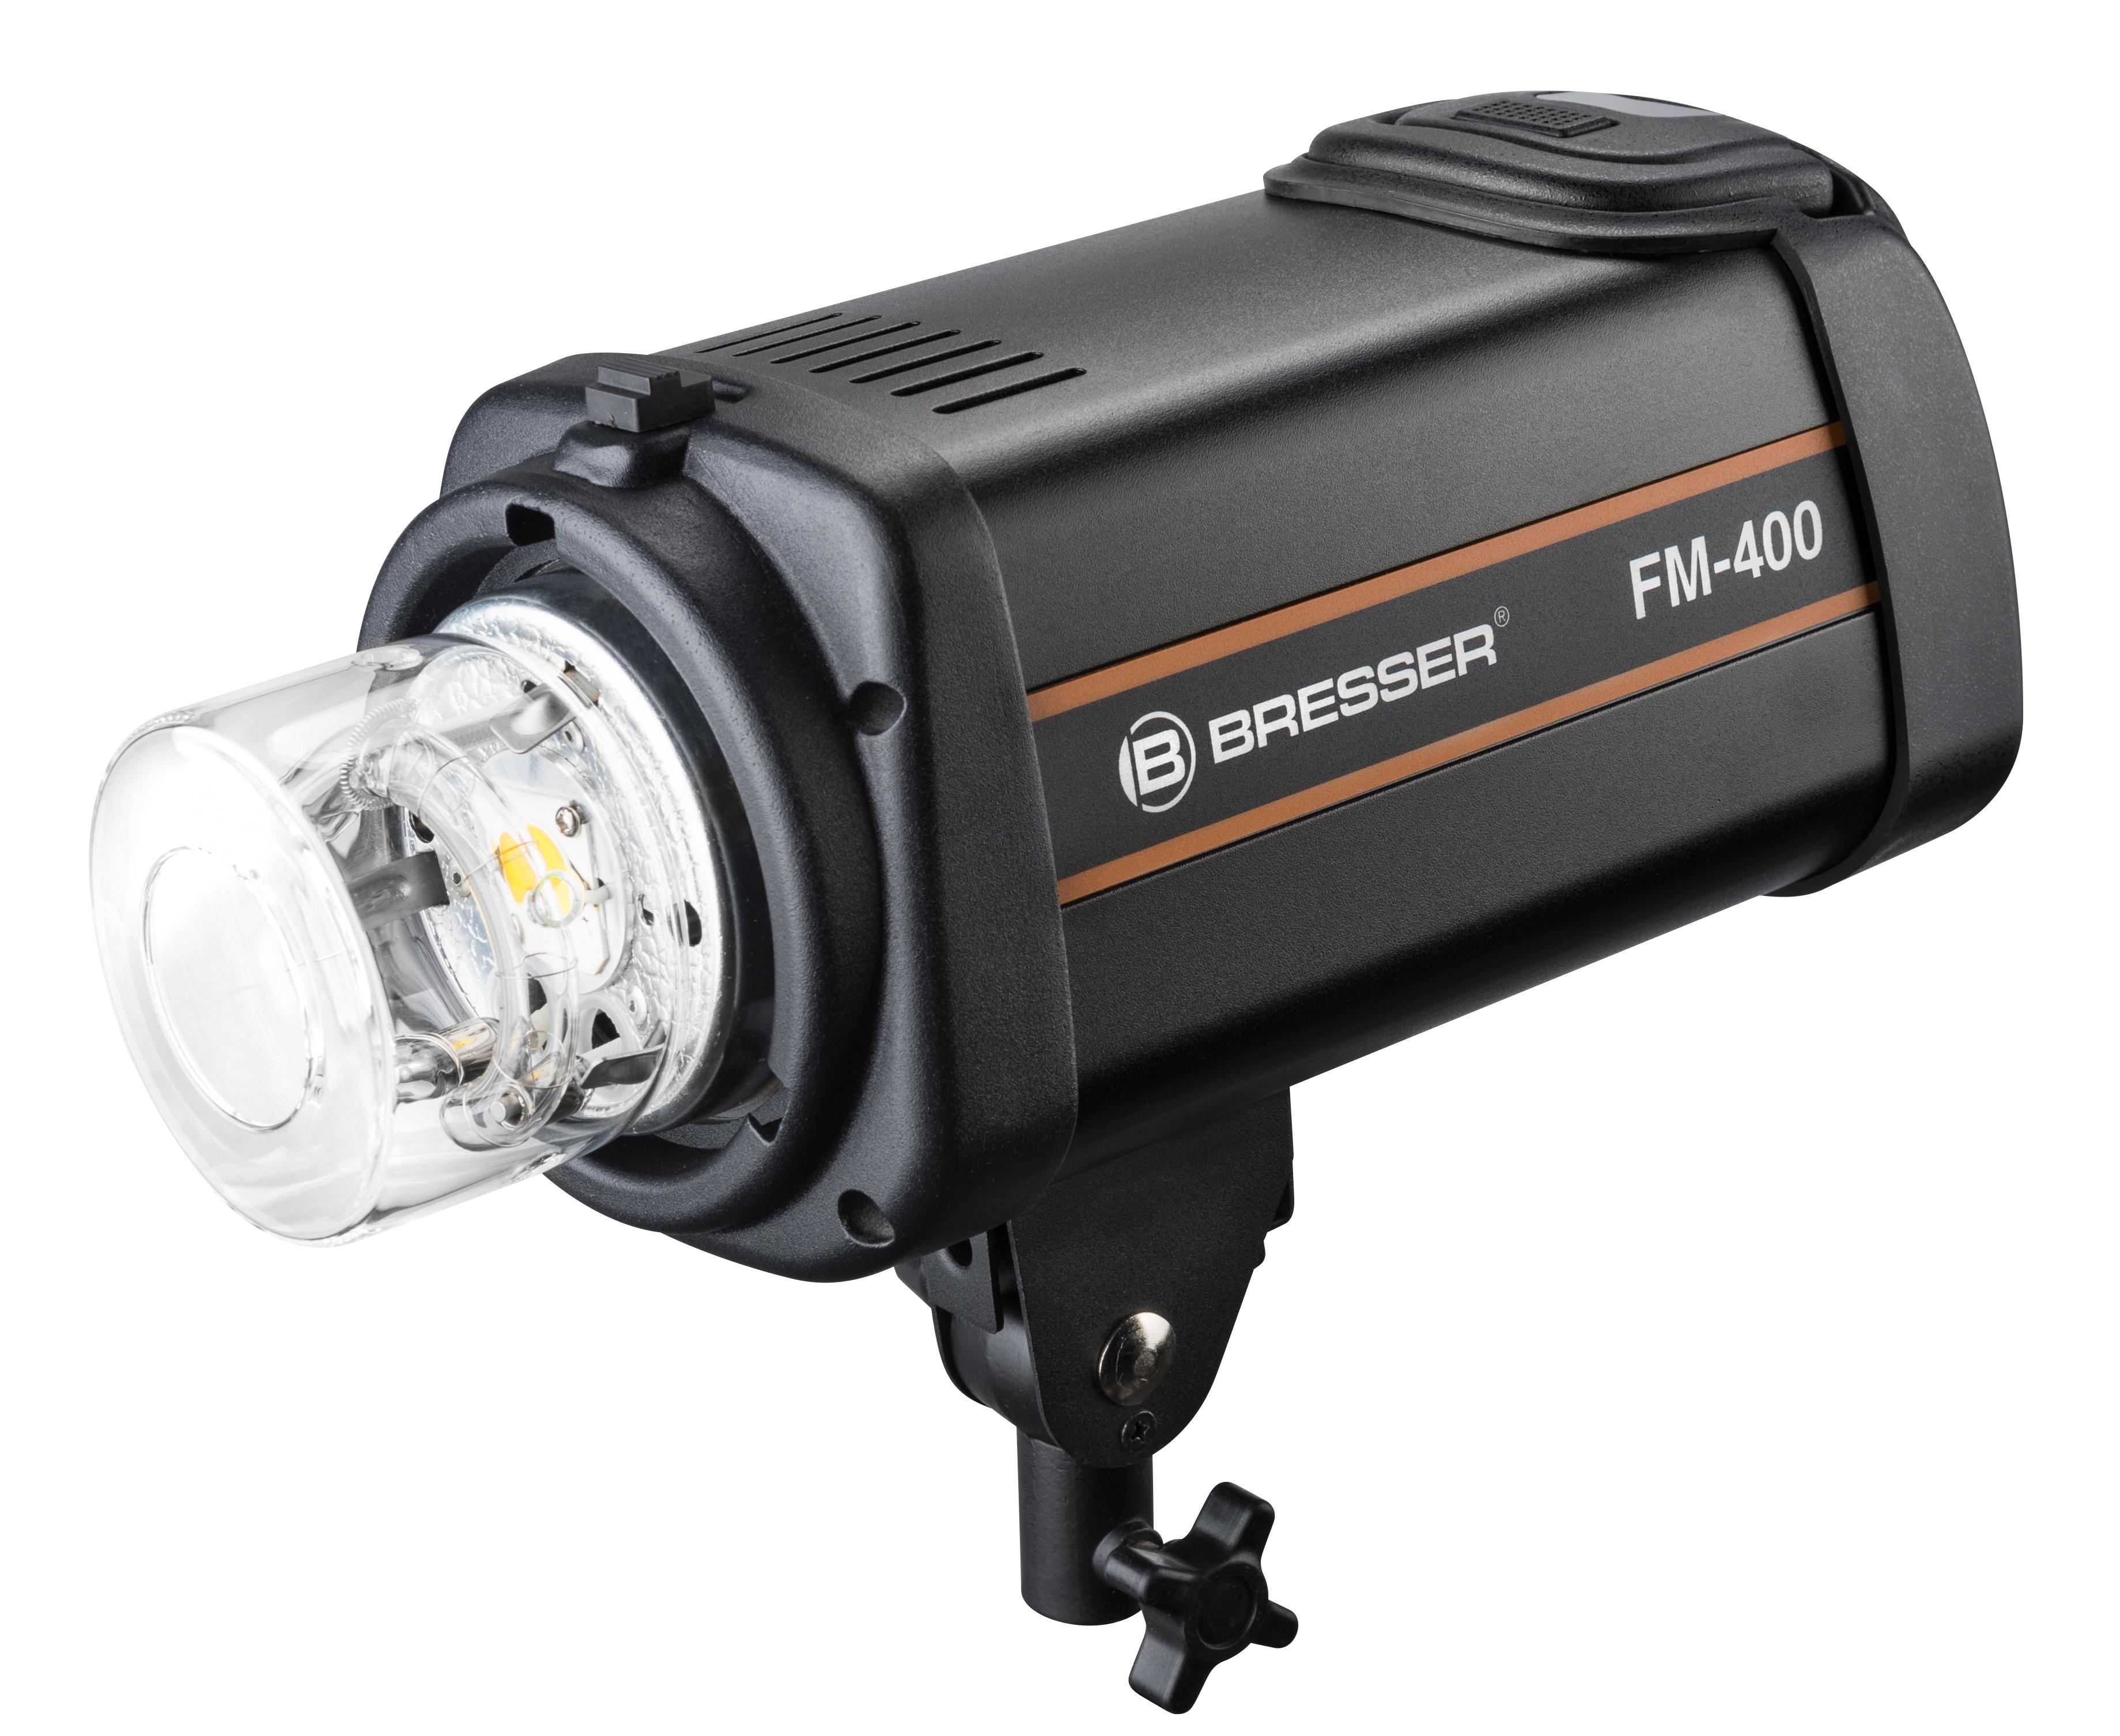 Entfernungsmesser Bresser : Bresser fm 400 high speed studioblitz